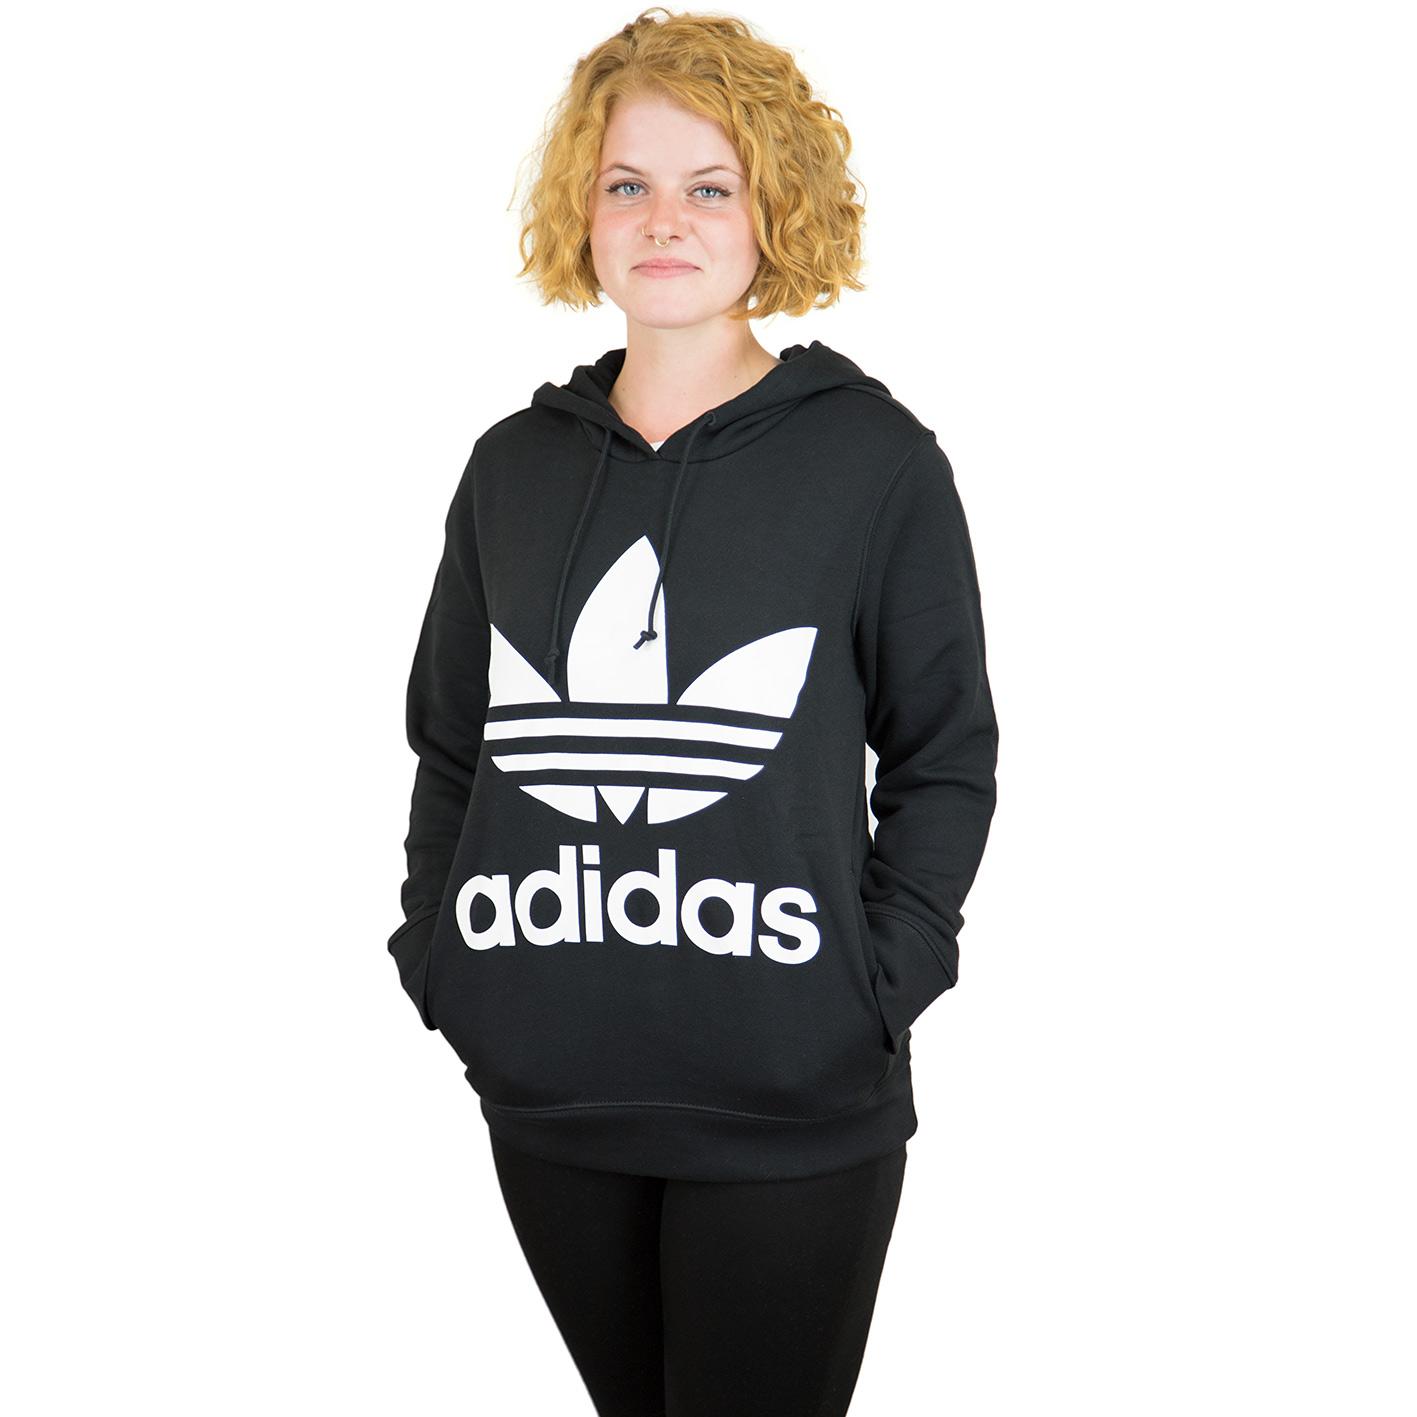 adidas Originals Trefoil Kapuzenpullover für Damen Schwarz